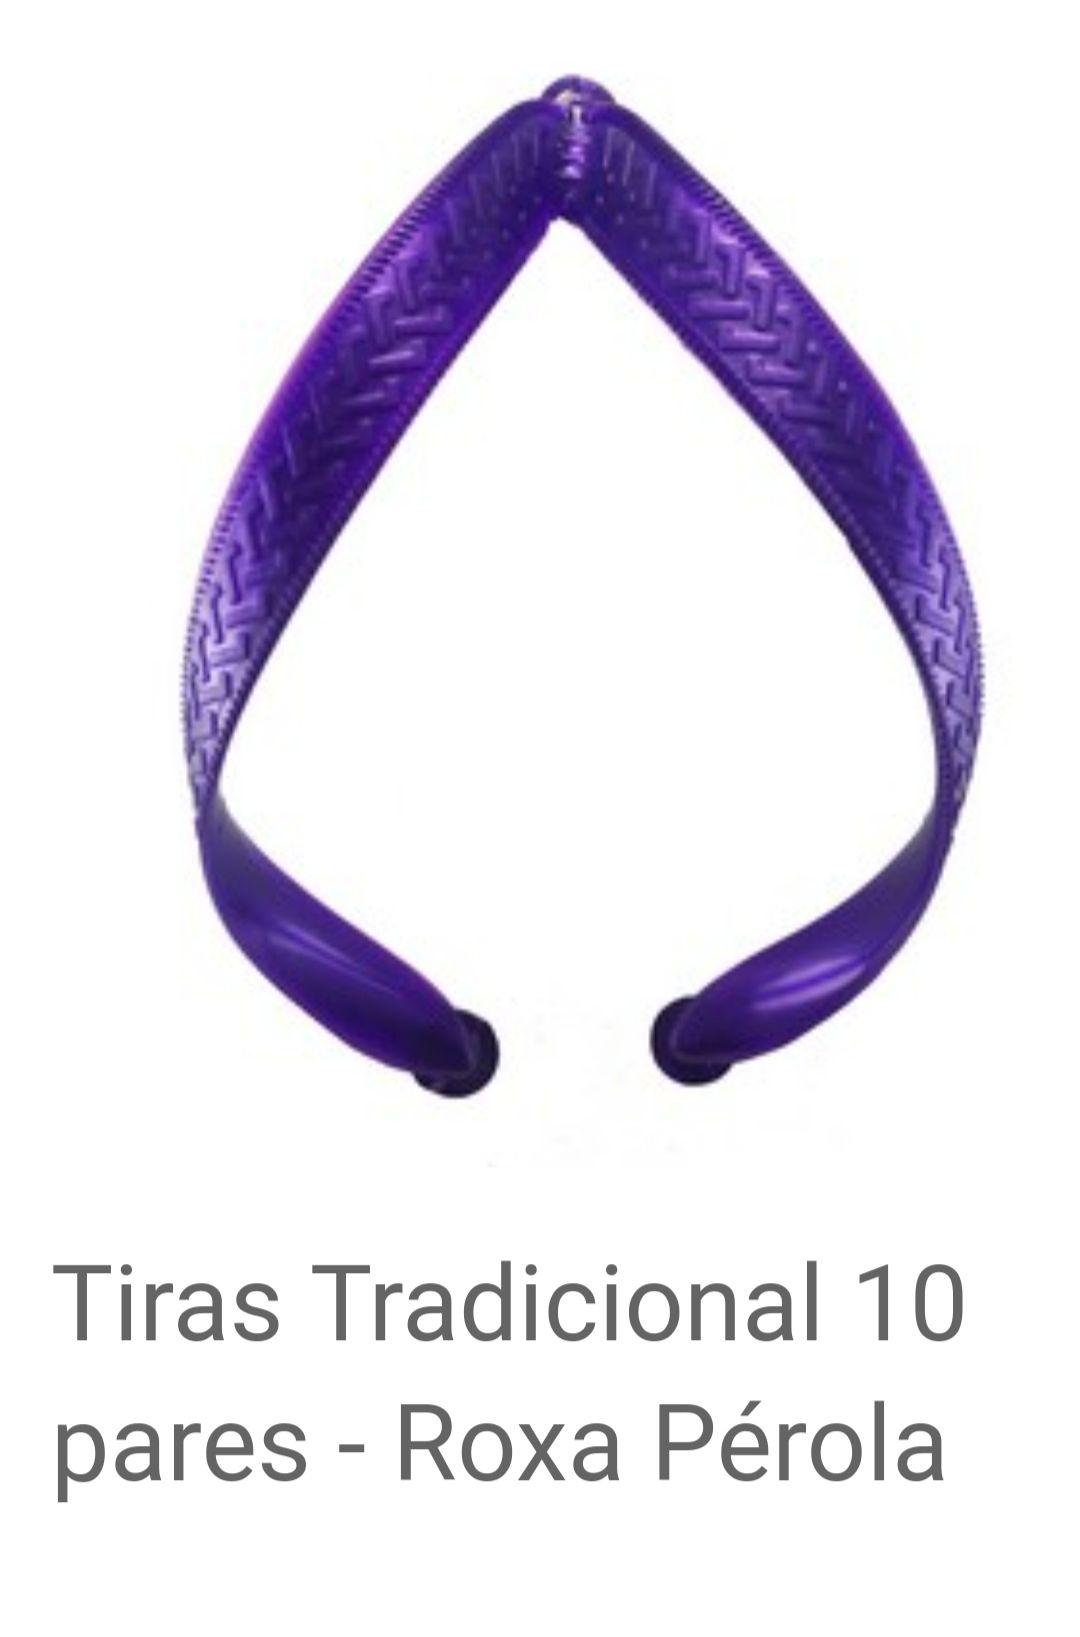 Tiras Tradicional Roxo Pérola com 10 pares